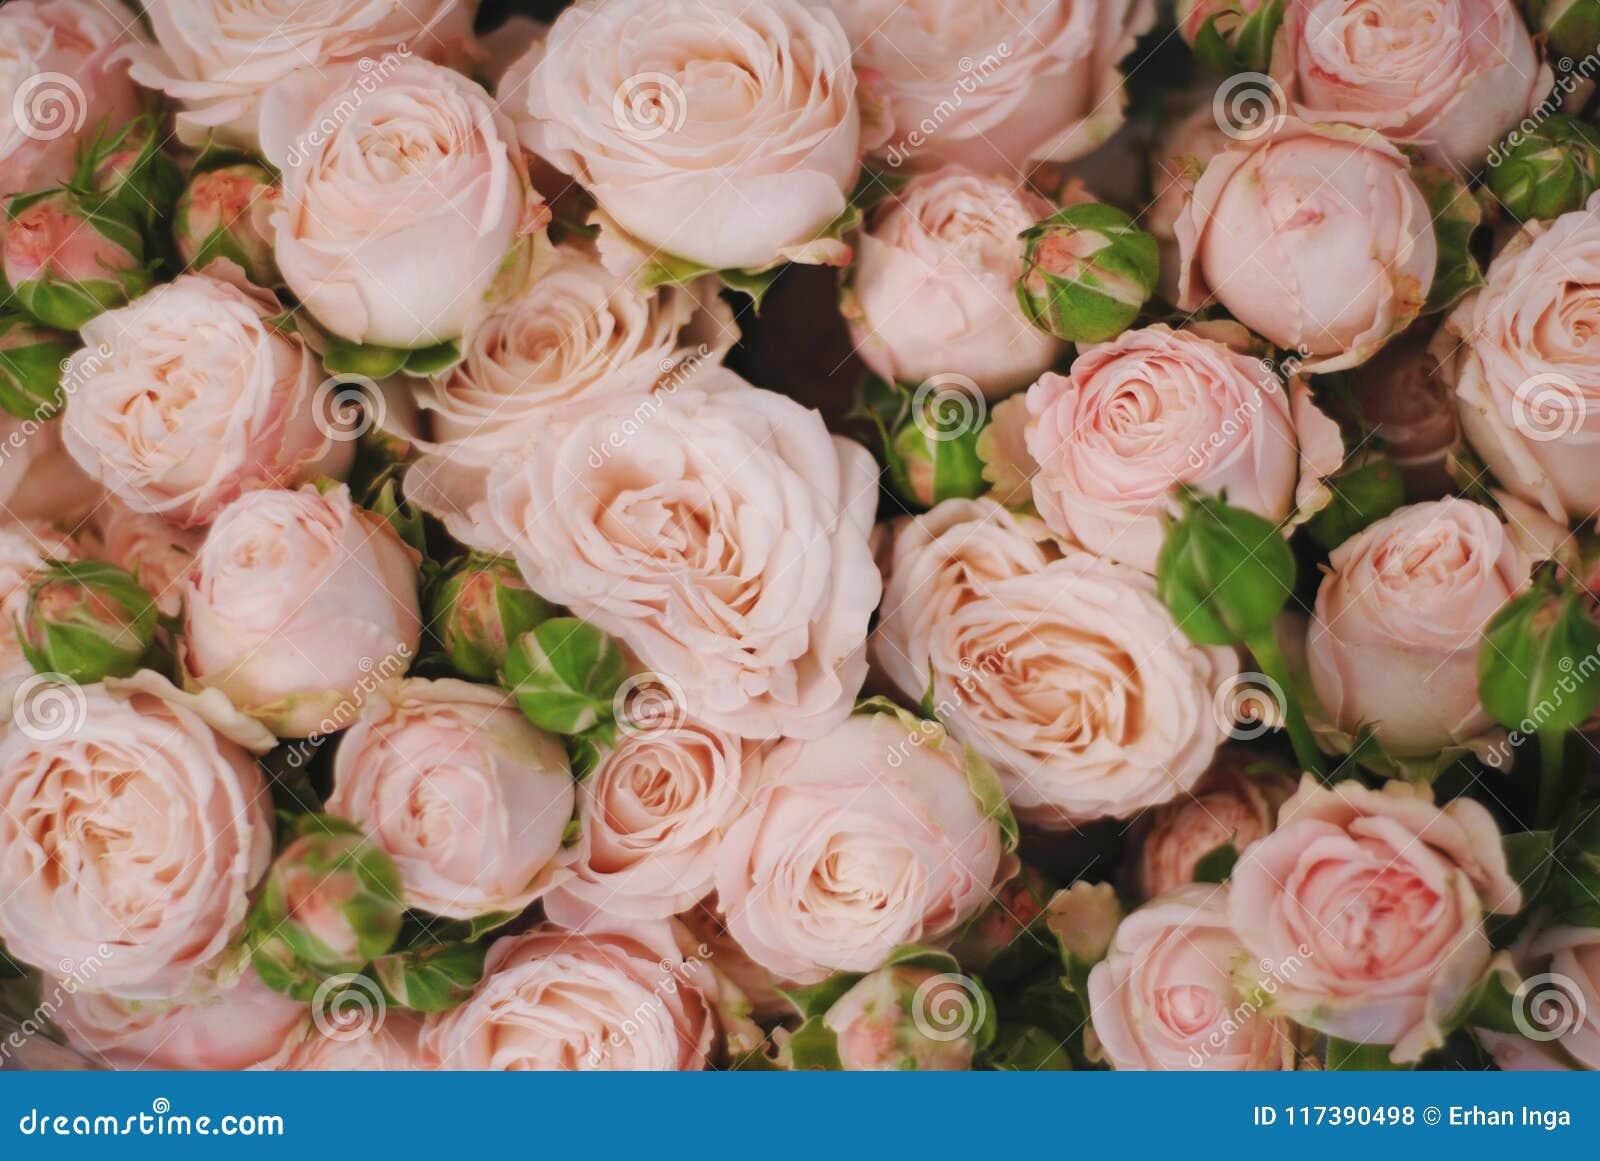 Цветы космические букеты букет свадебный фотограф